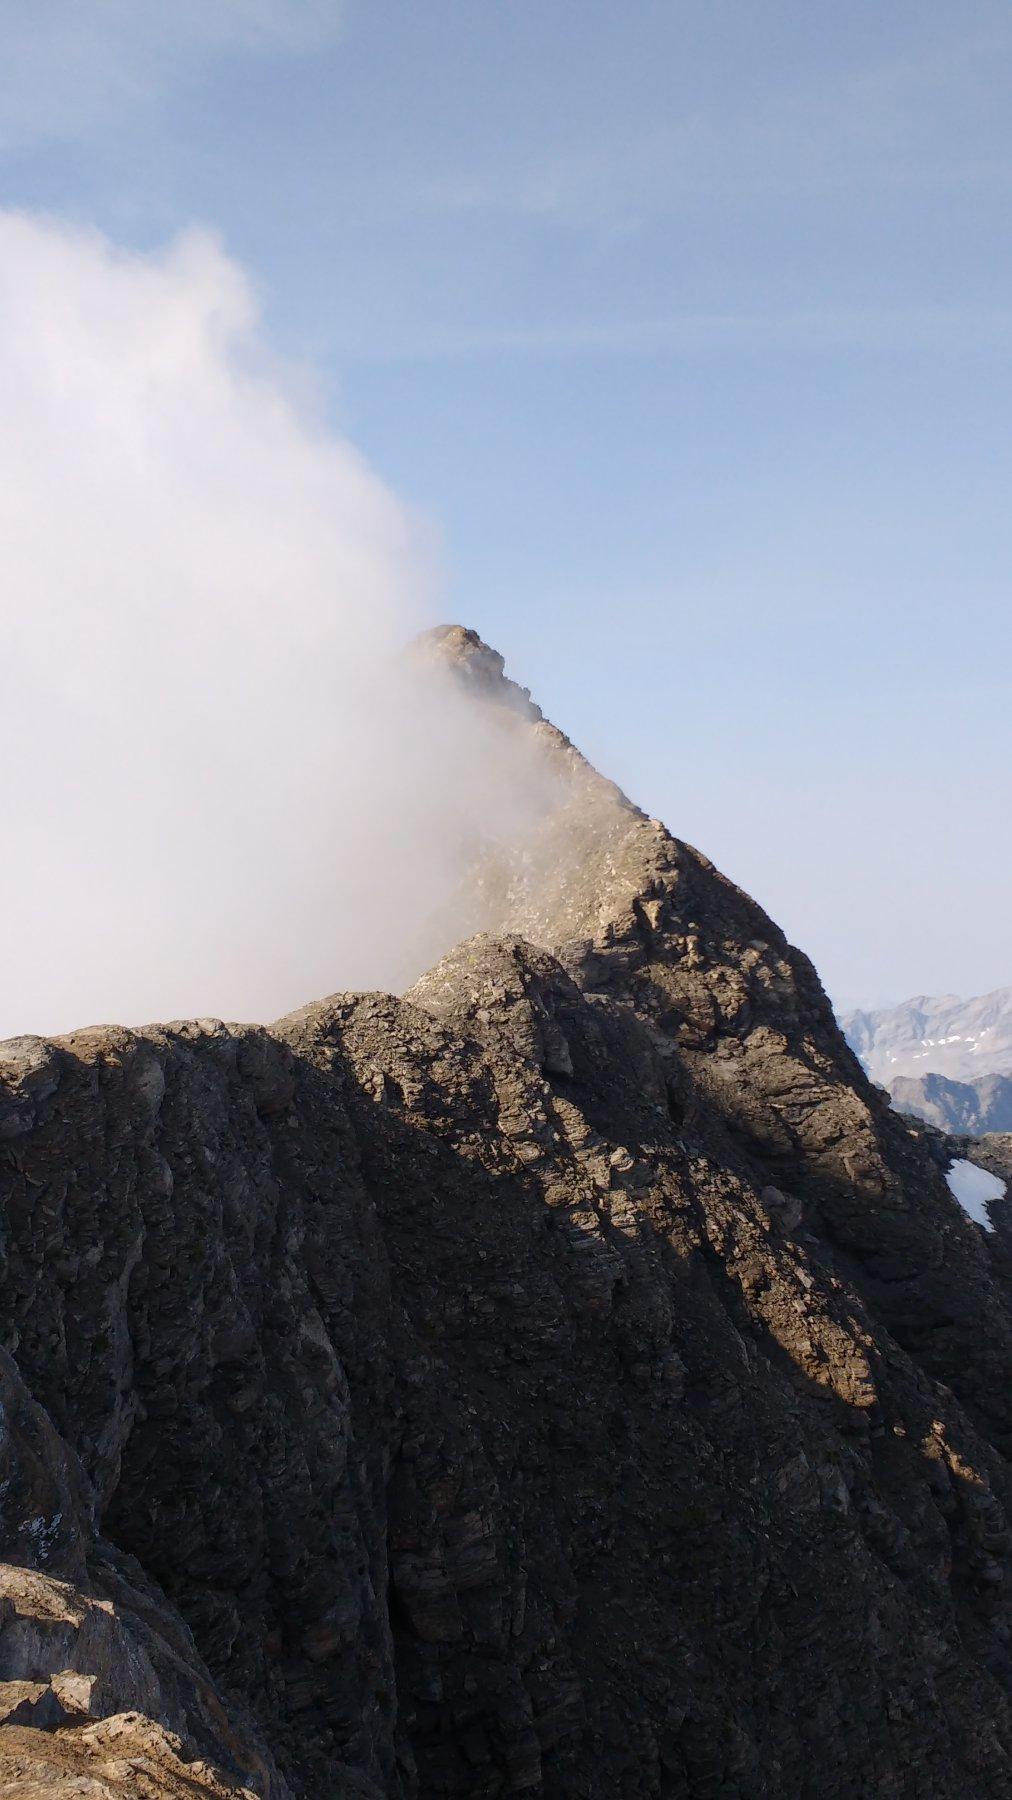 Le nebbie iniziano ad accarezzare la cima